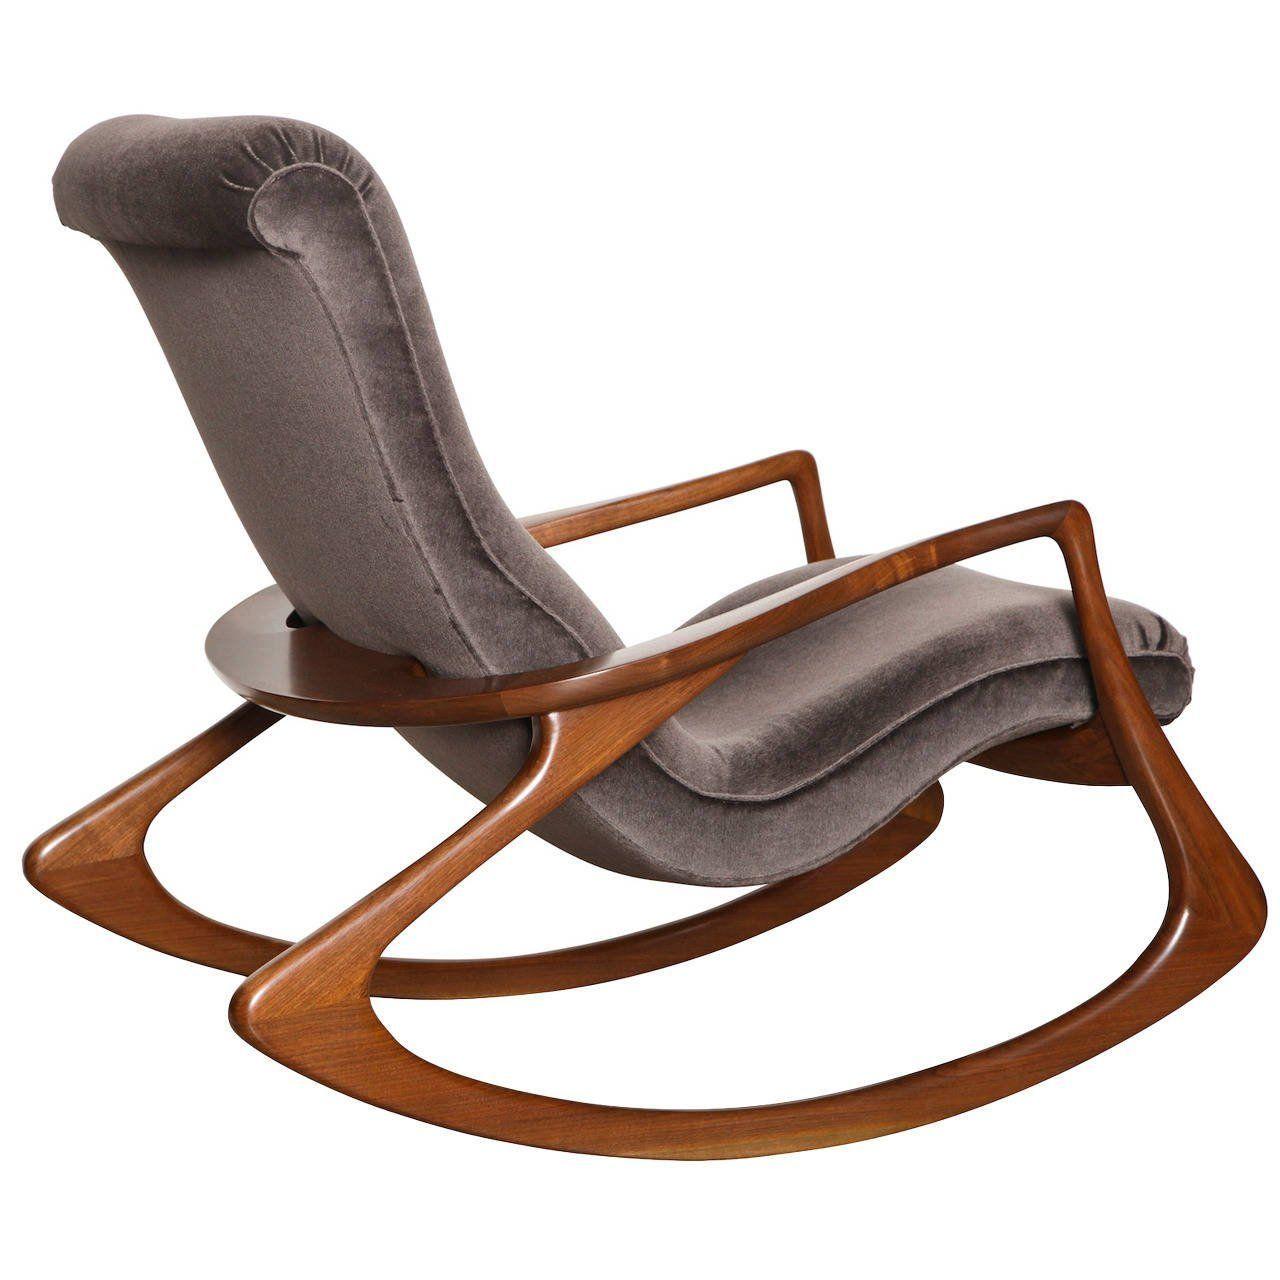 Vladimir Kagan Rocking Chair In 2018 Furniture Rock